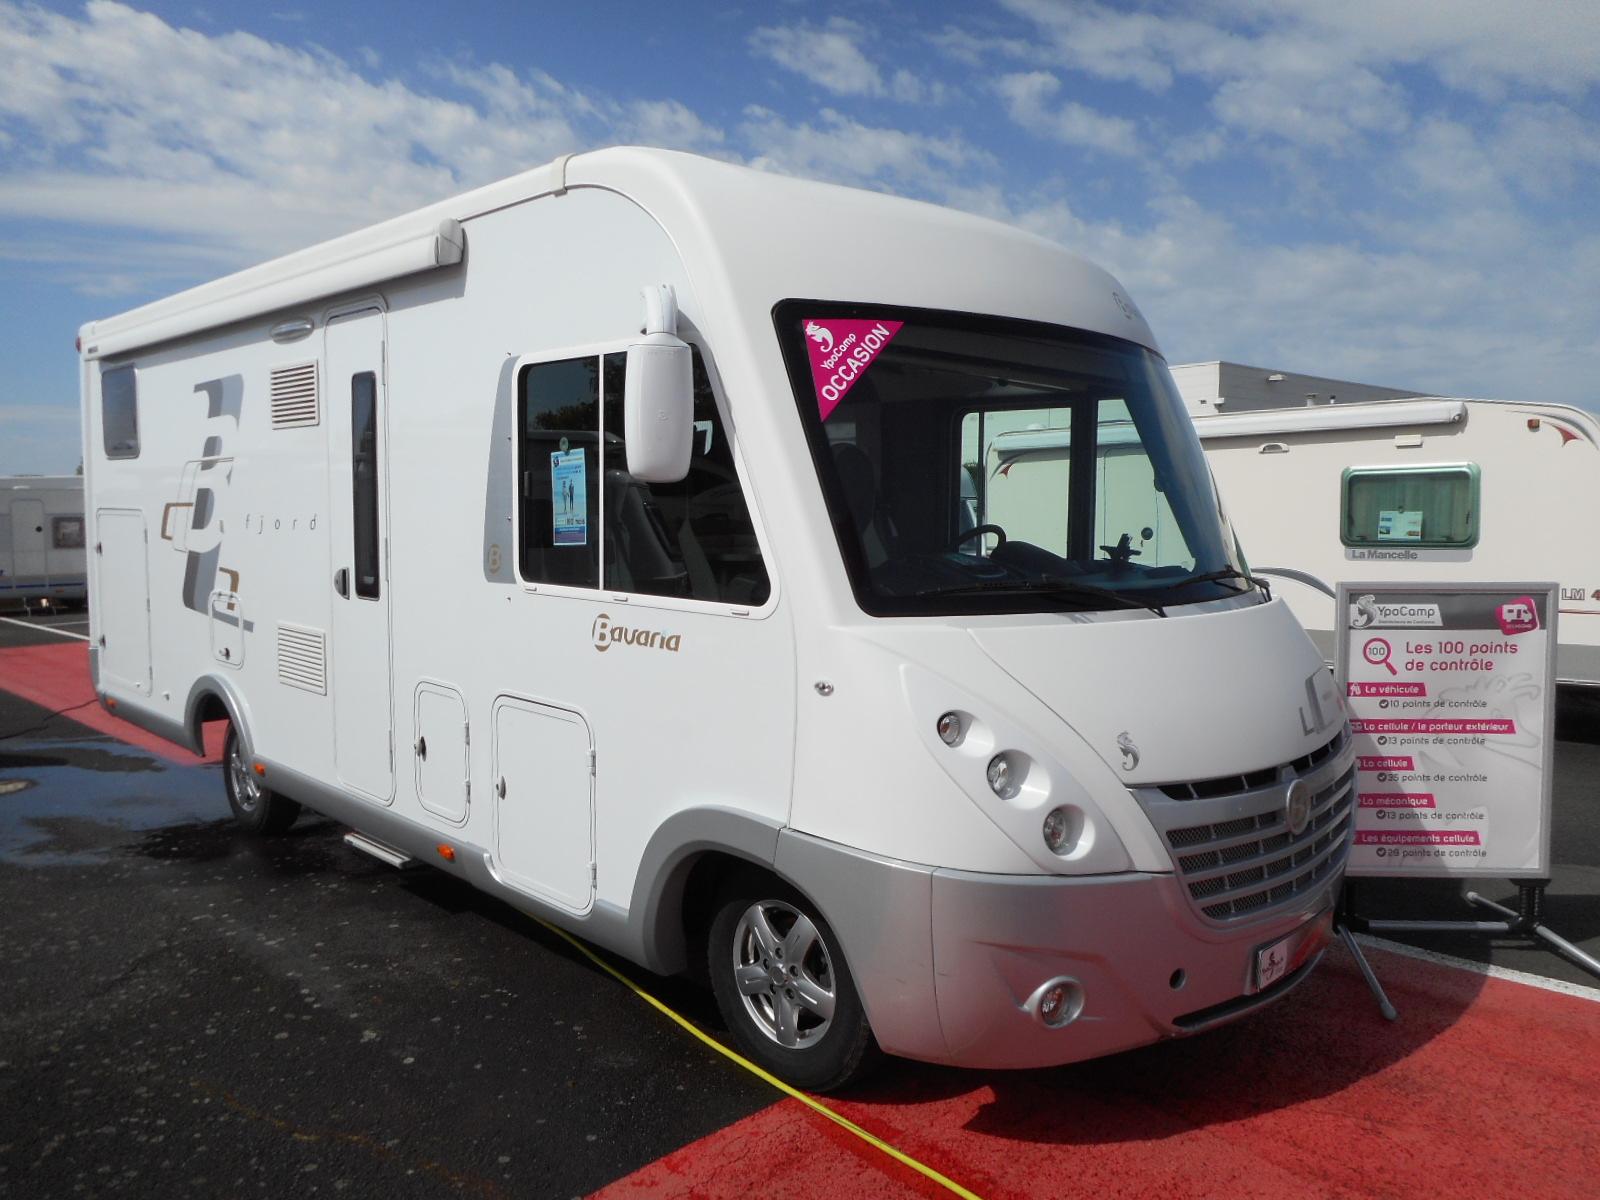 bavaria fjord i 741 lgj occasion de 2013 fiat camping car en vente rochefort charente. Black Bedroom Furniture Sets. Home Design Ideas